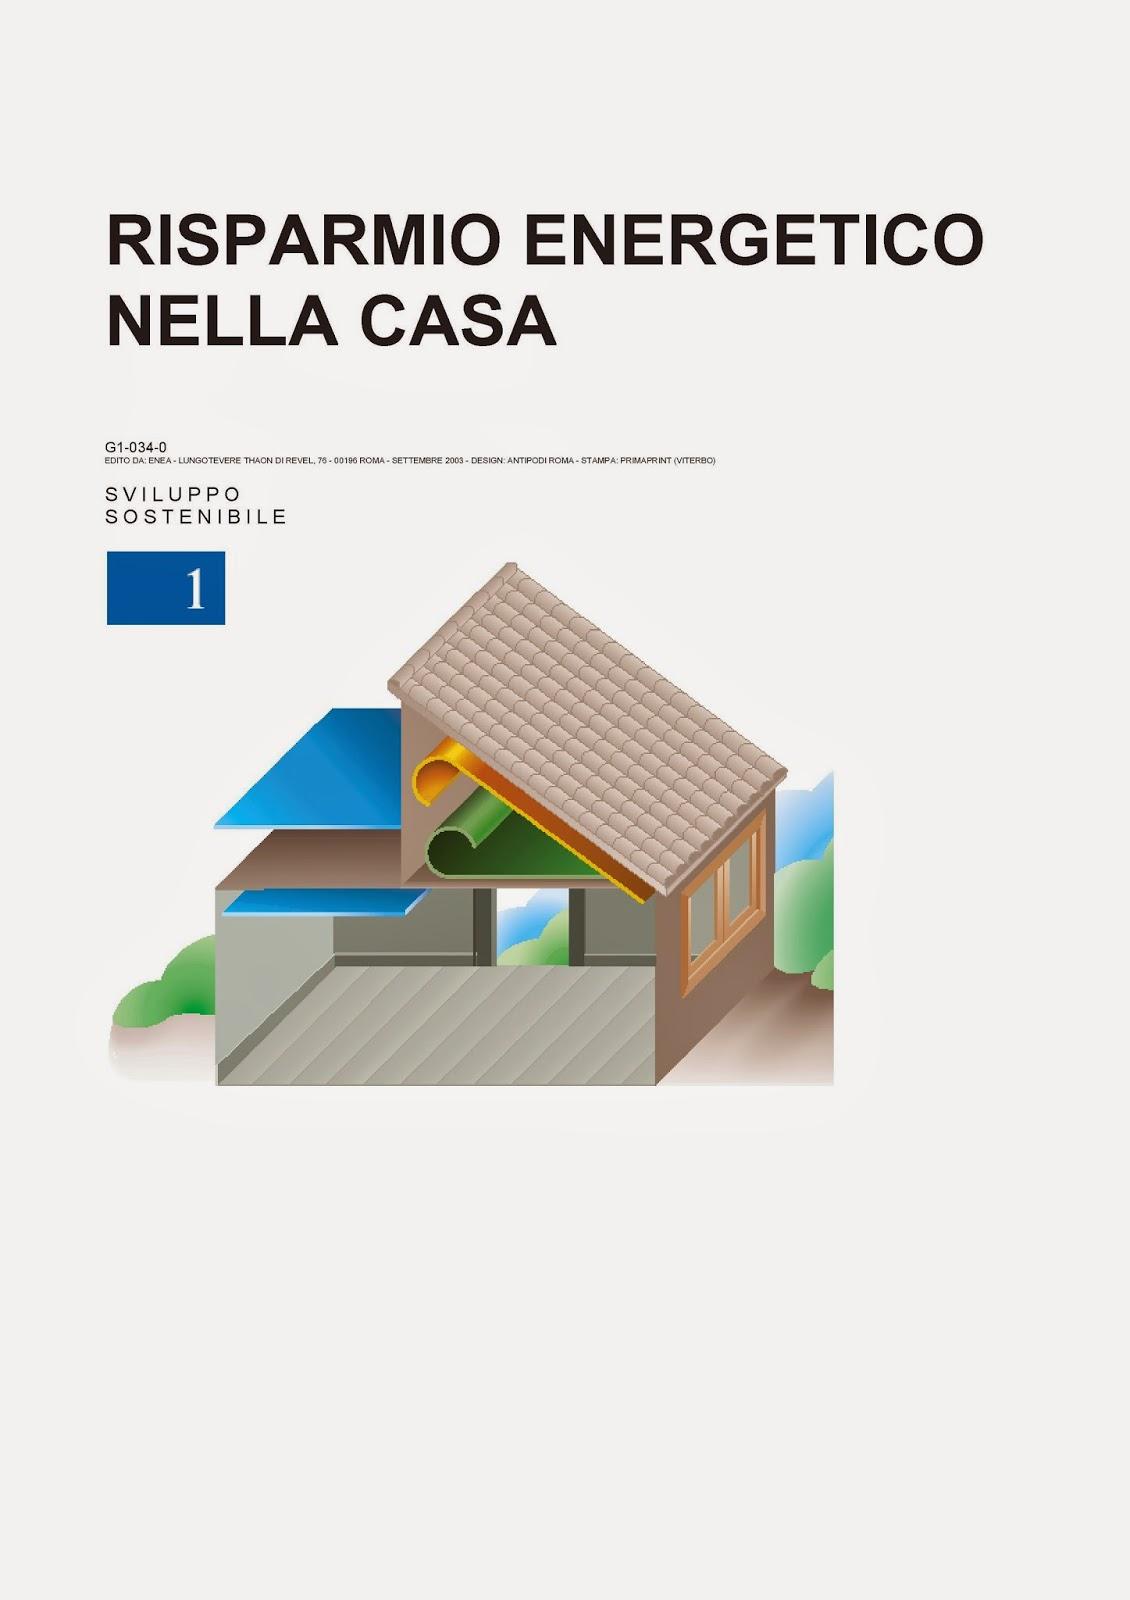 Tre casettine dai tetti aguzzi enea risparmio - Risparmio energetico casa ...